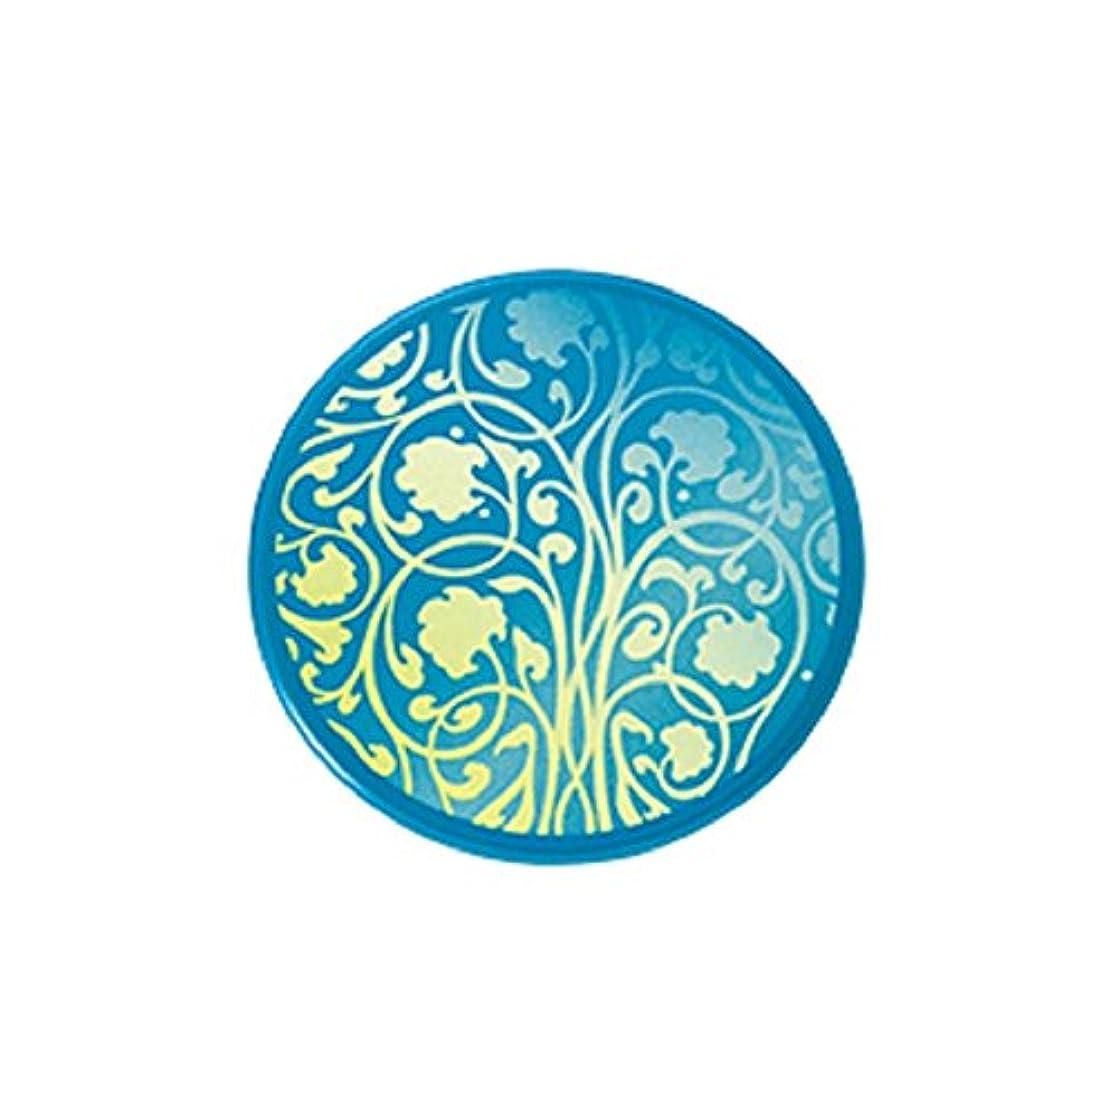 無謀意図的篭アユーラ (AYURA) ウェルフィット アロマバーム 14g 〈ソリッドパヒューム〉 心地よい森林の香気